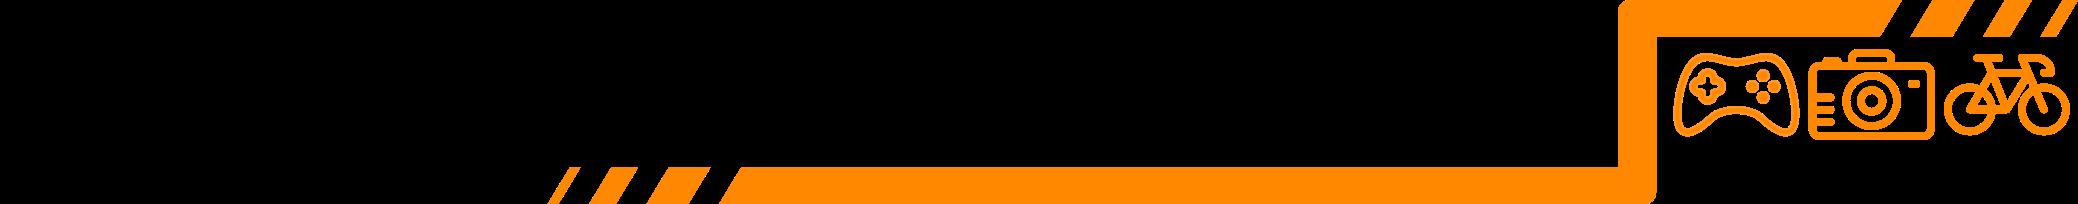 onegrumpydaddy.com black logo